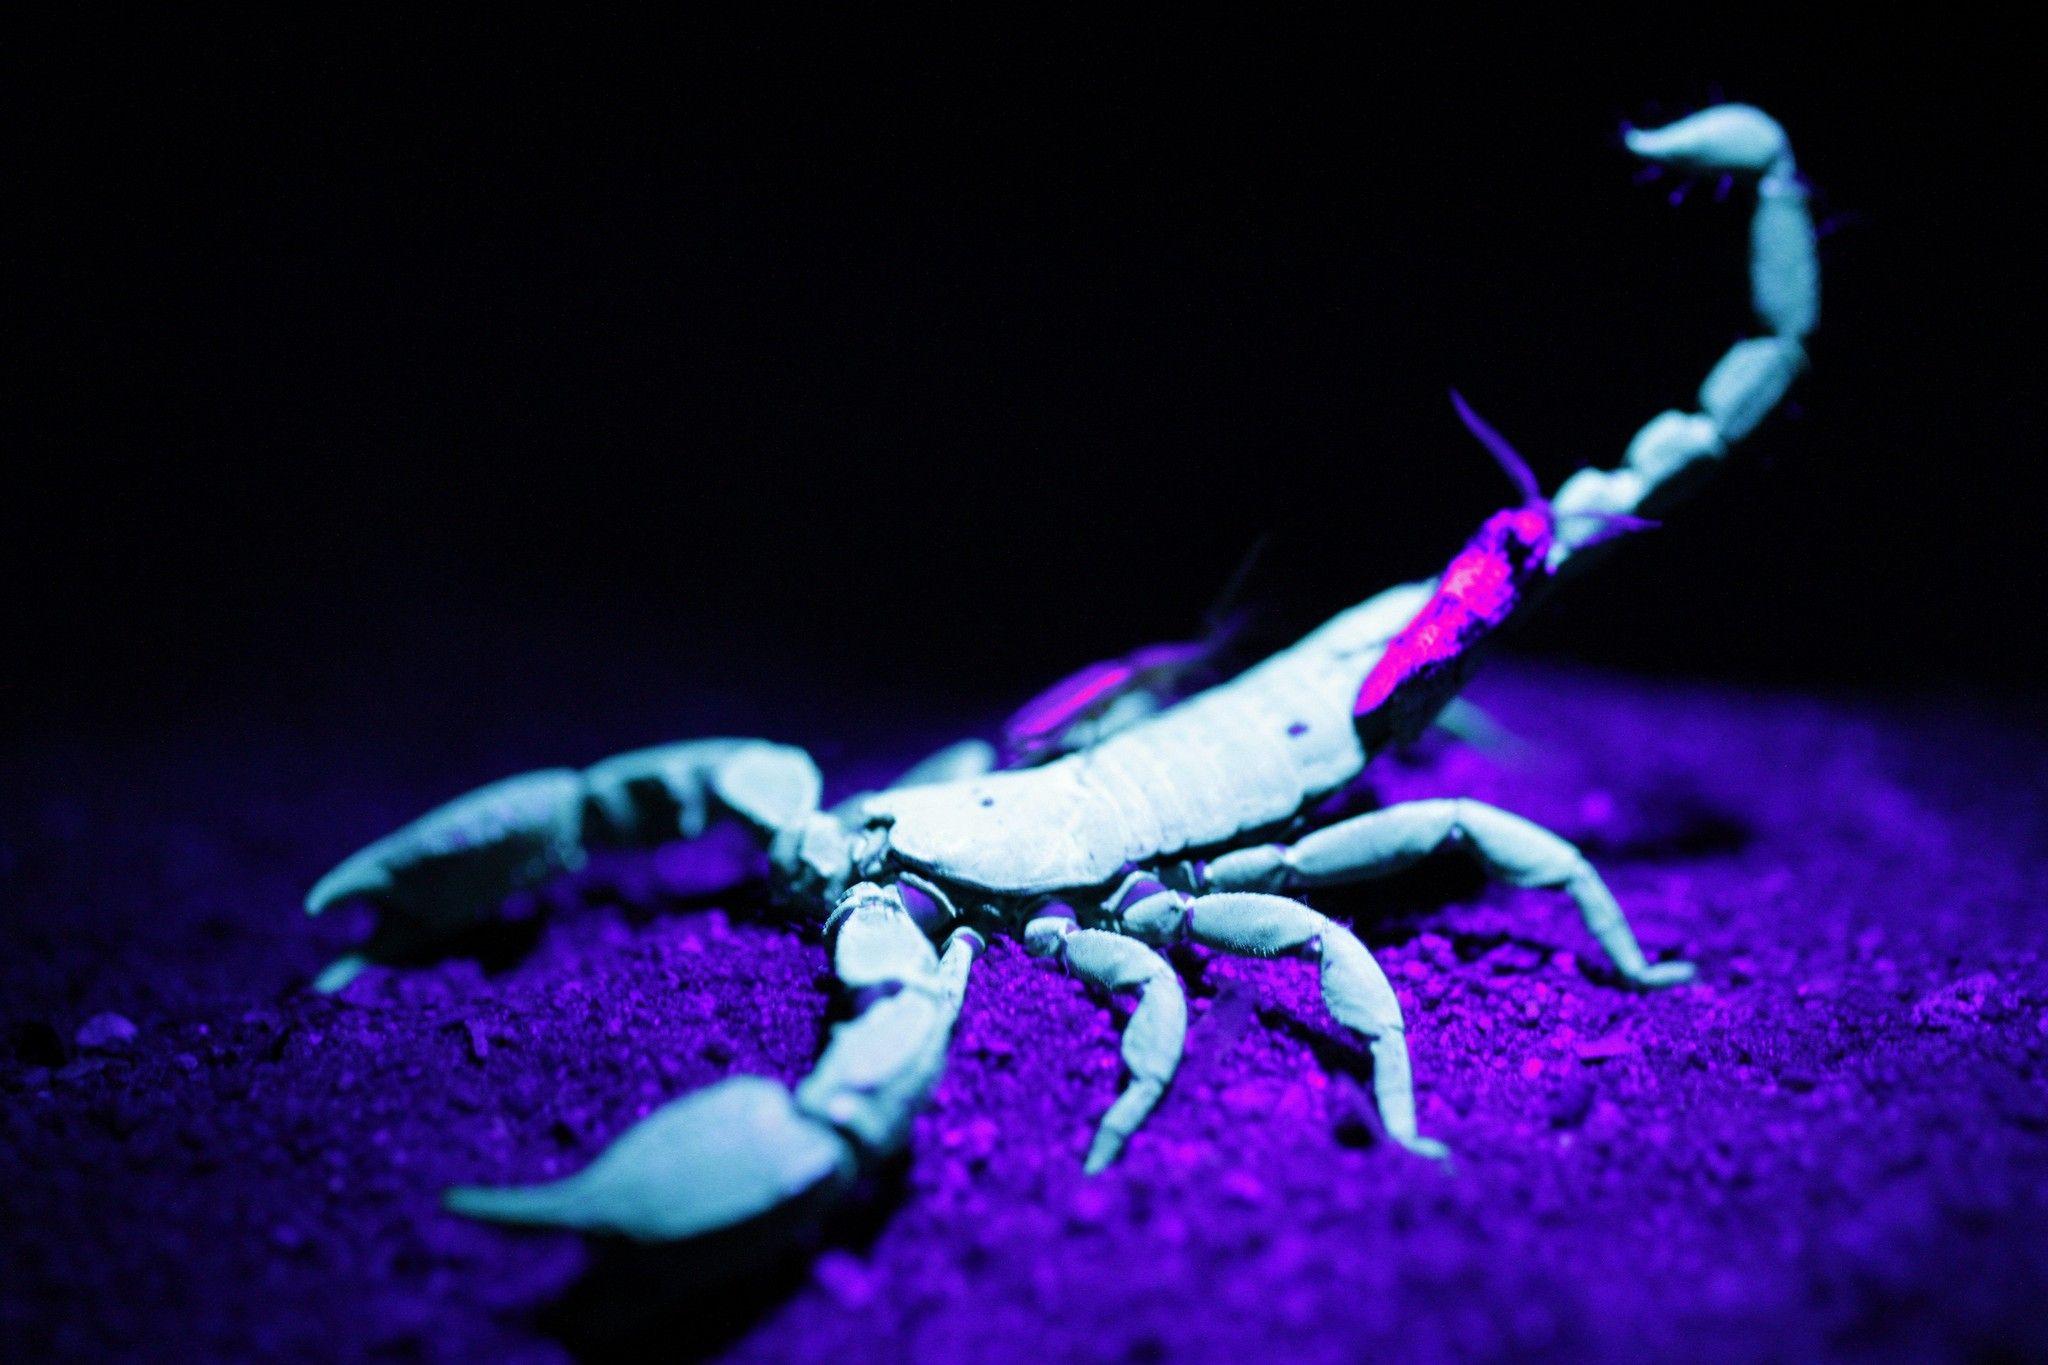 Scorpion HD Desktop Wallpapers